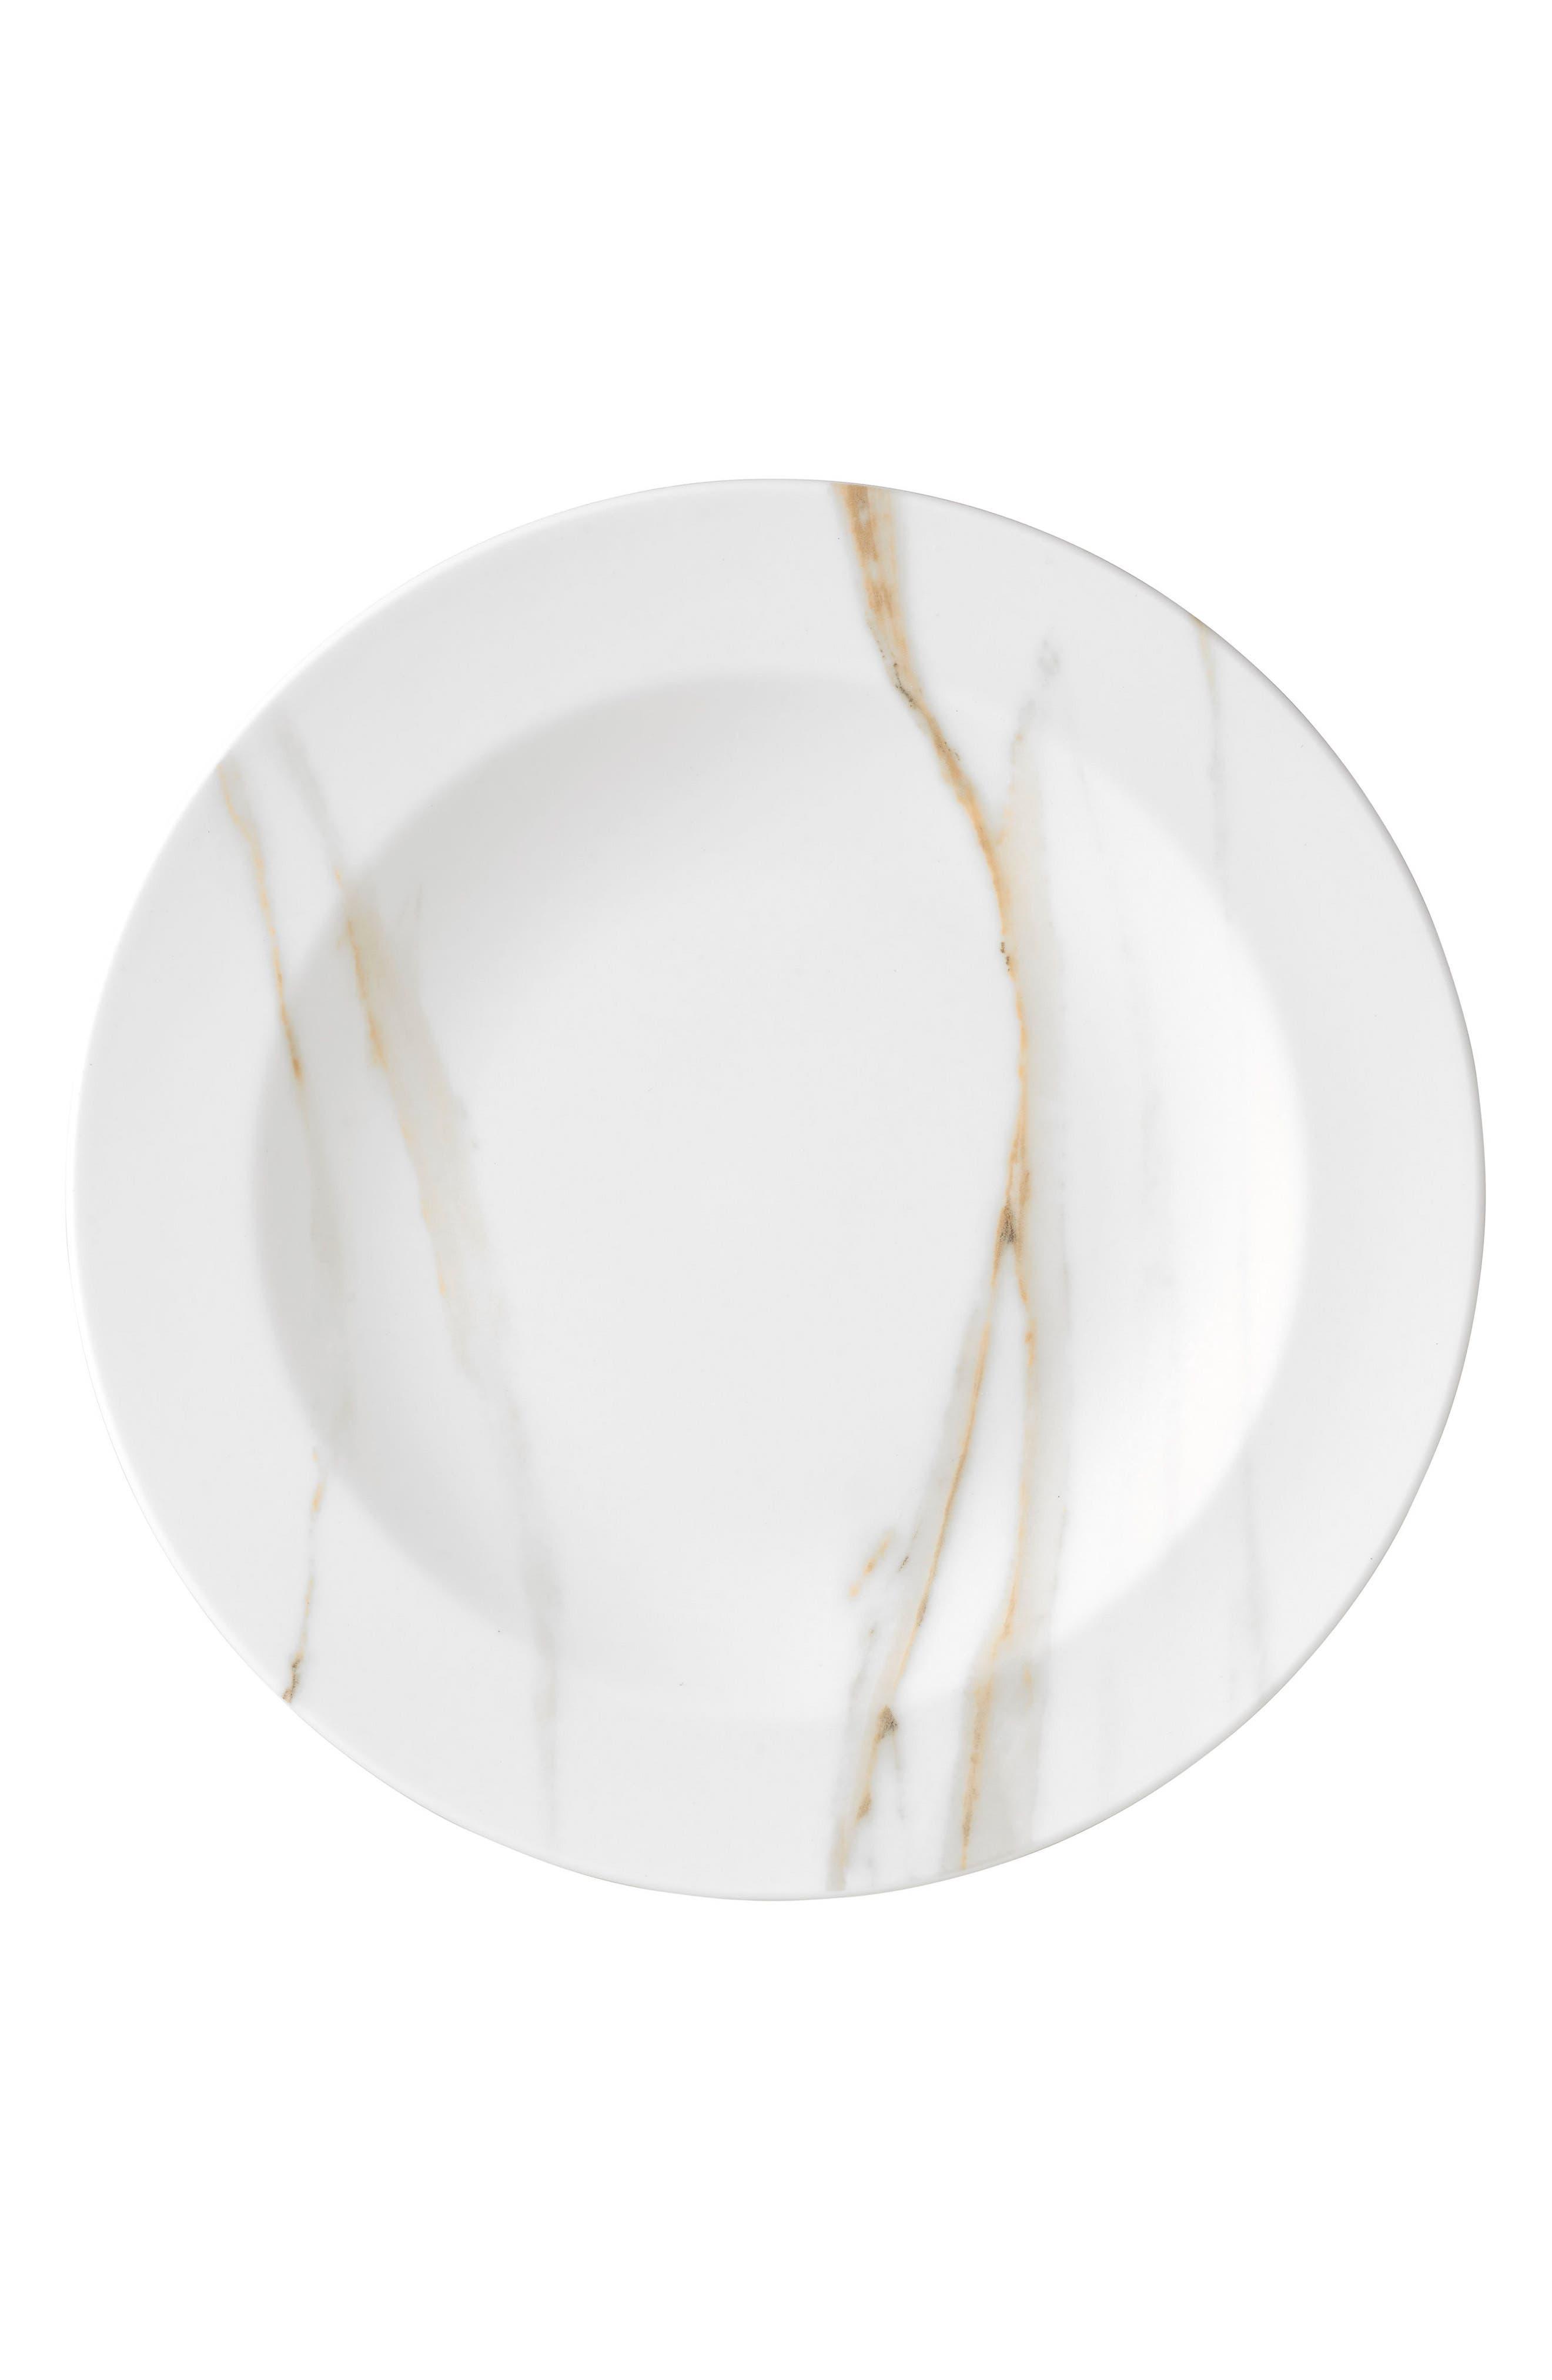 x Wedgwood Venato Imperial Rim Soup Bowl,                             Main thumbnail 1, color,                             100